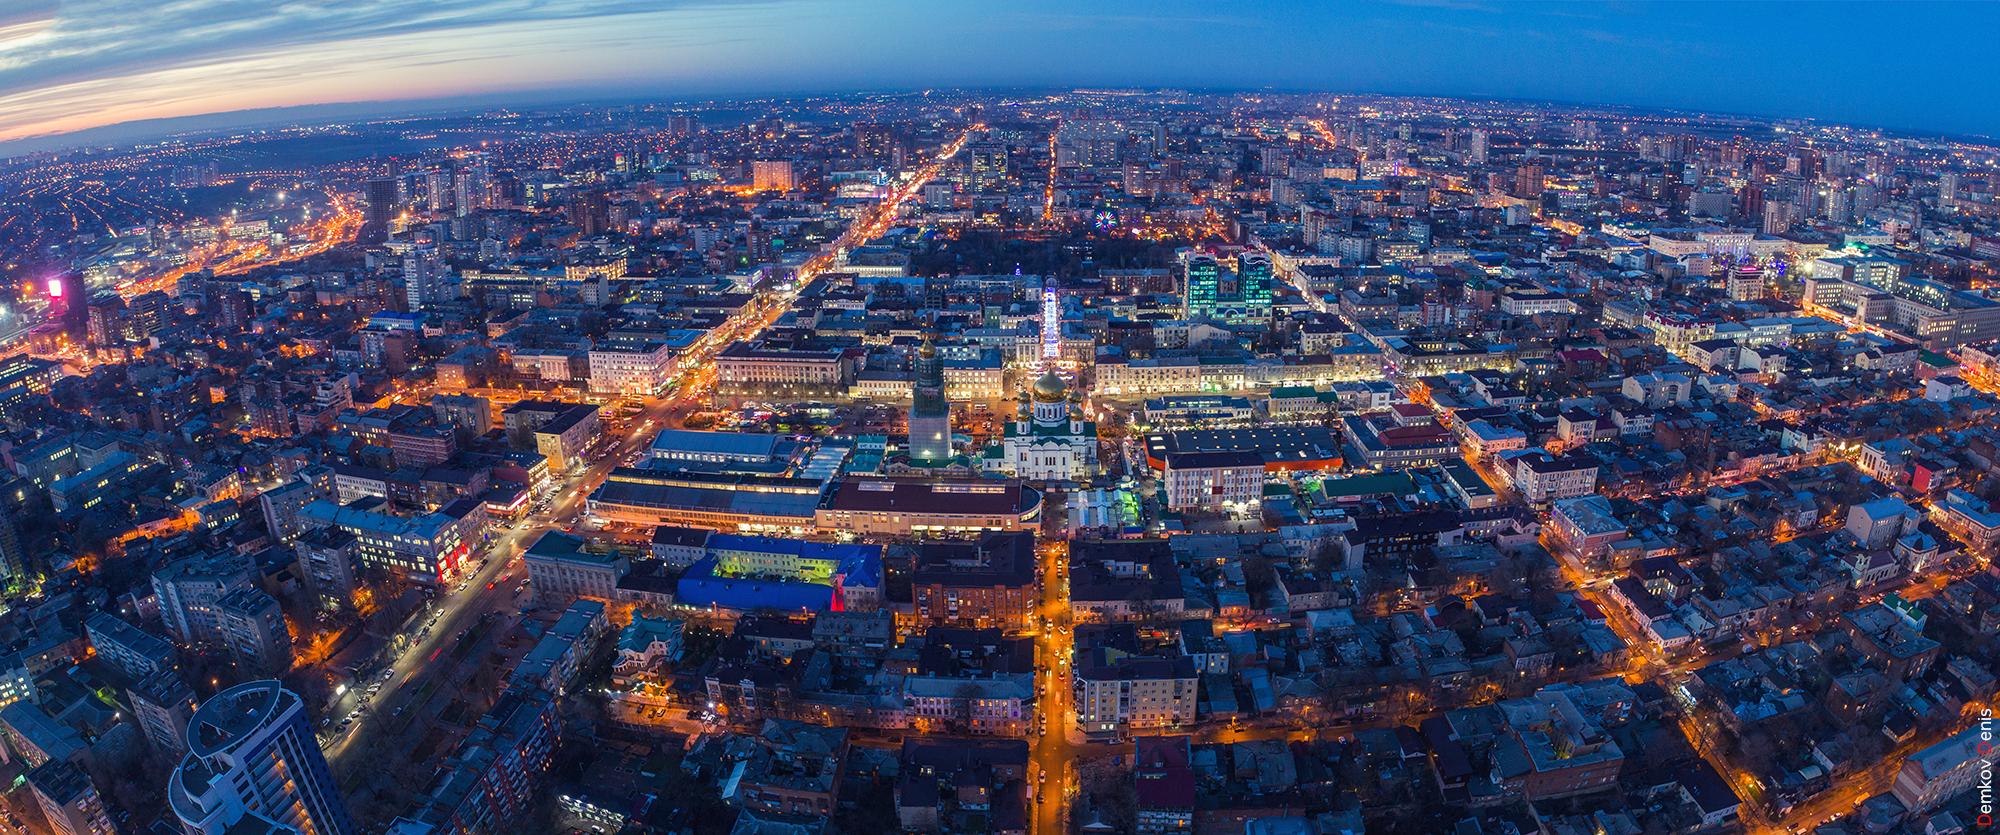 Ростов возглавил рейтинг городов России по росту цен на новостройки в сентябре - фото 1